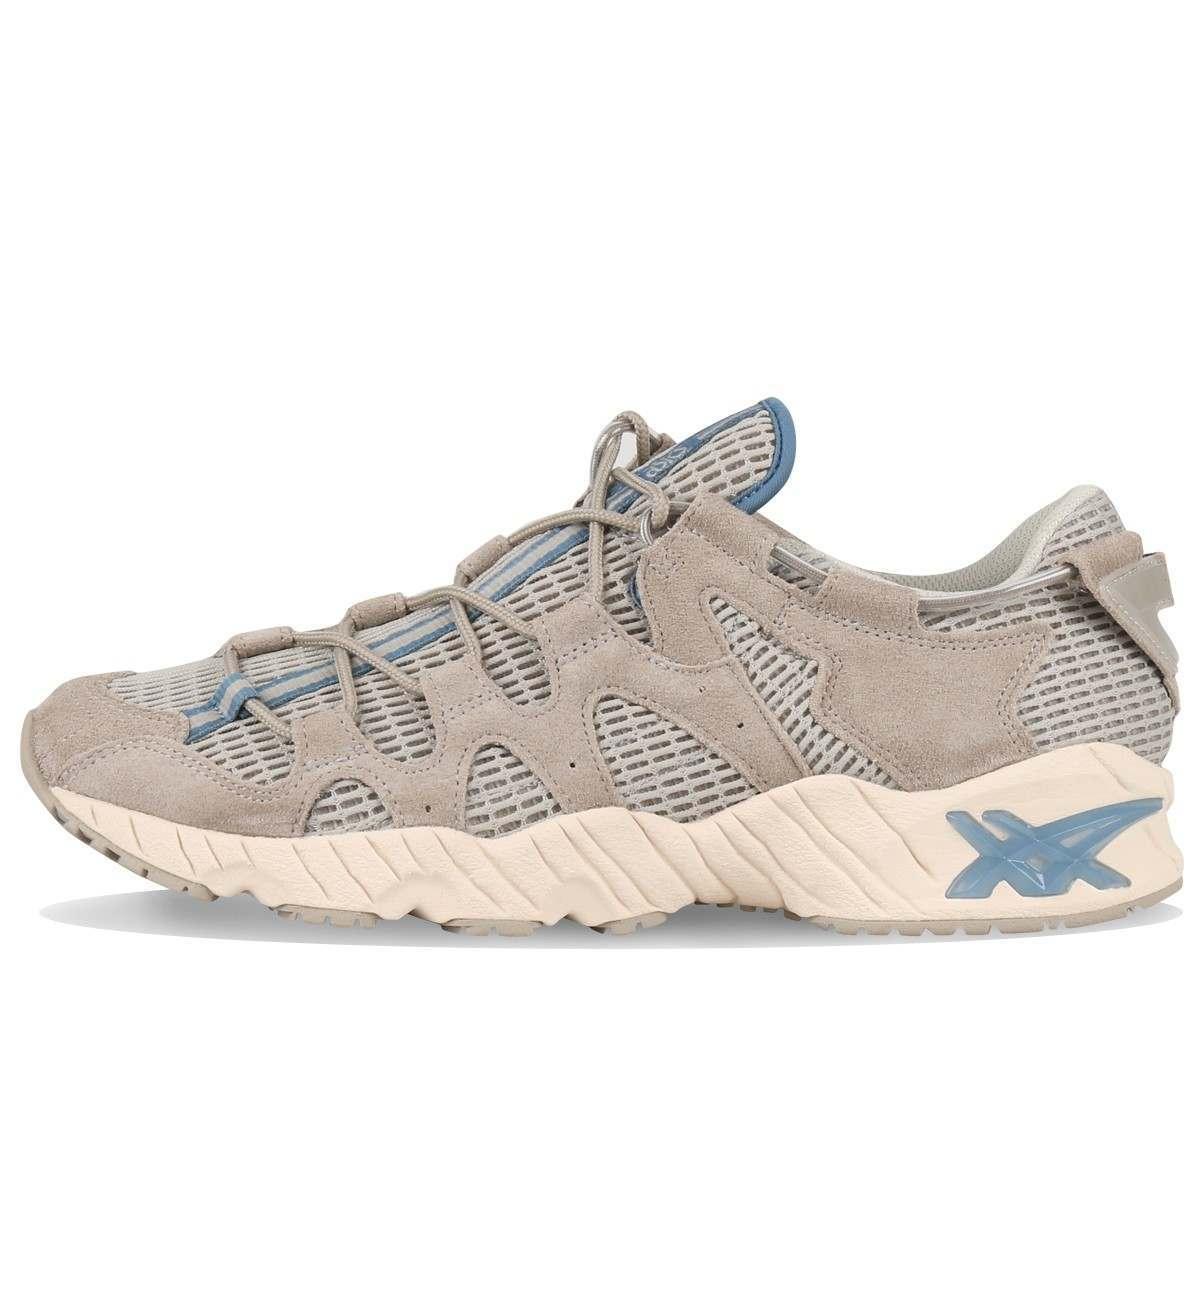 Sélection de Sneakers Asics & Saucony en promotion - Ex: Sneakers Asics Gel Mai Feather Grey (5pointz.co.uk)